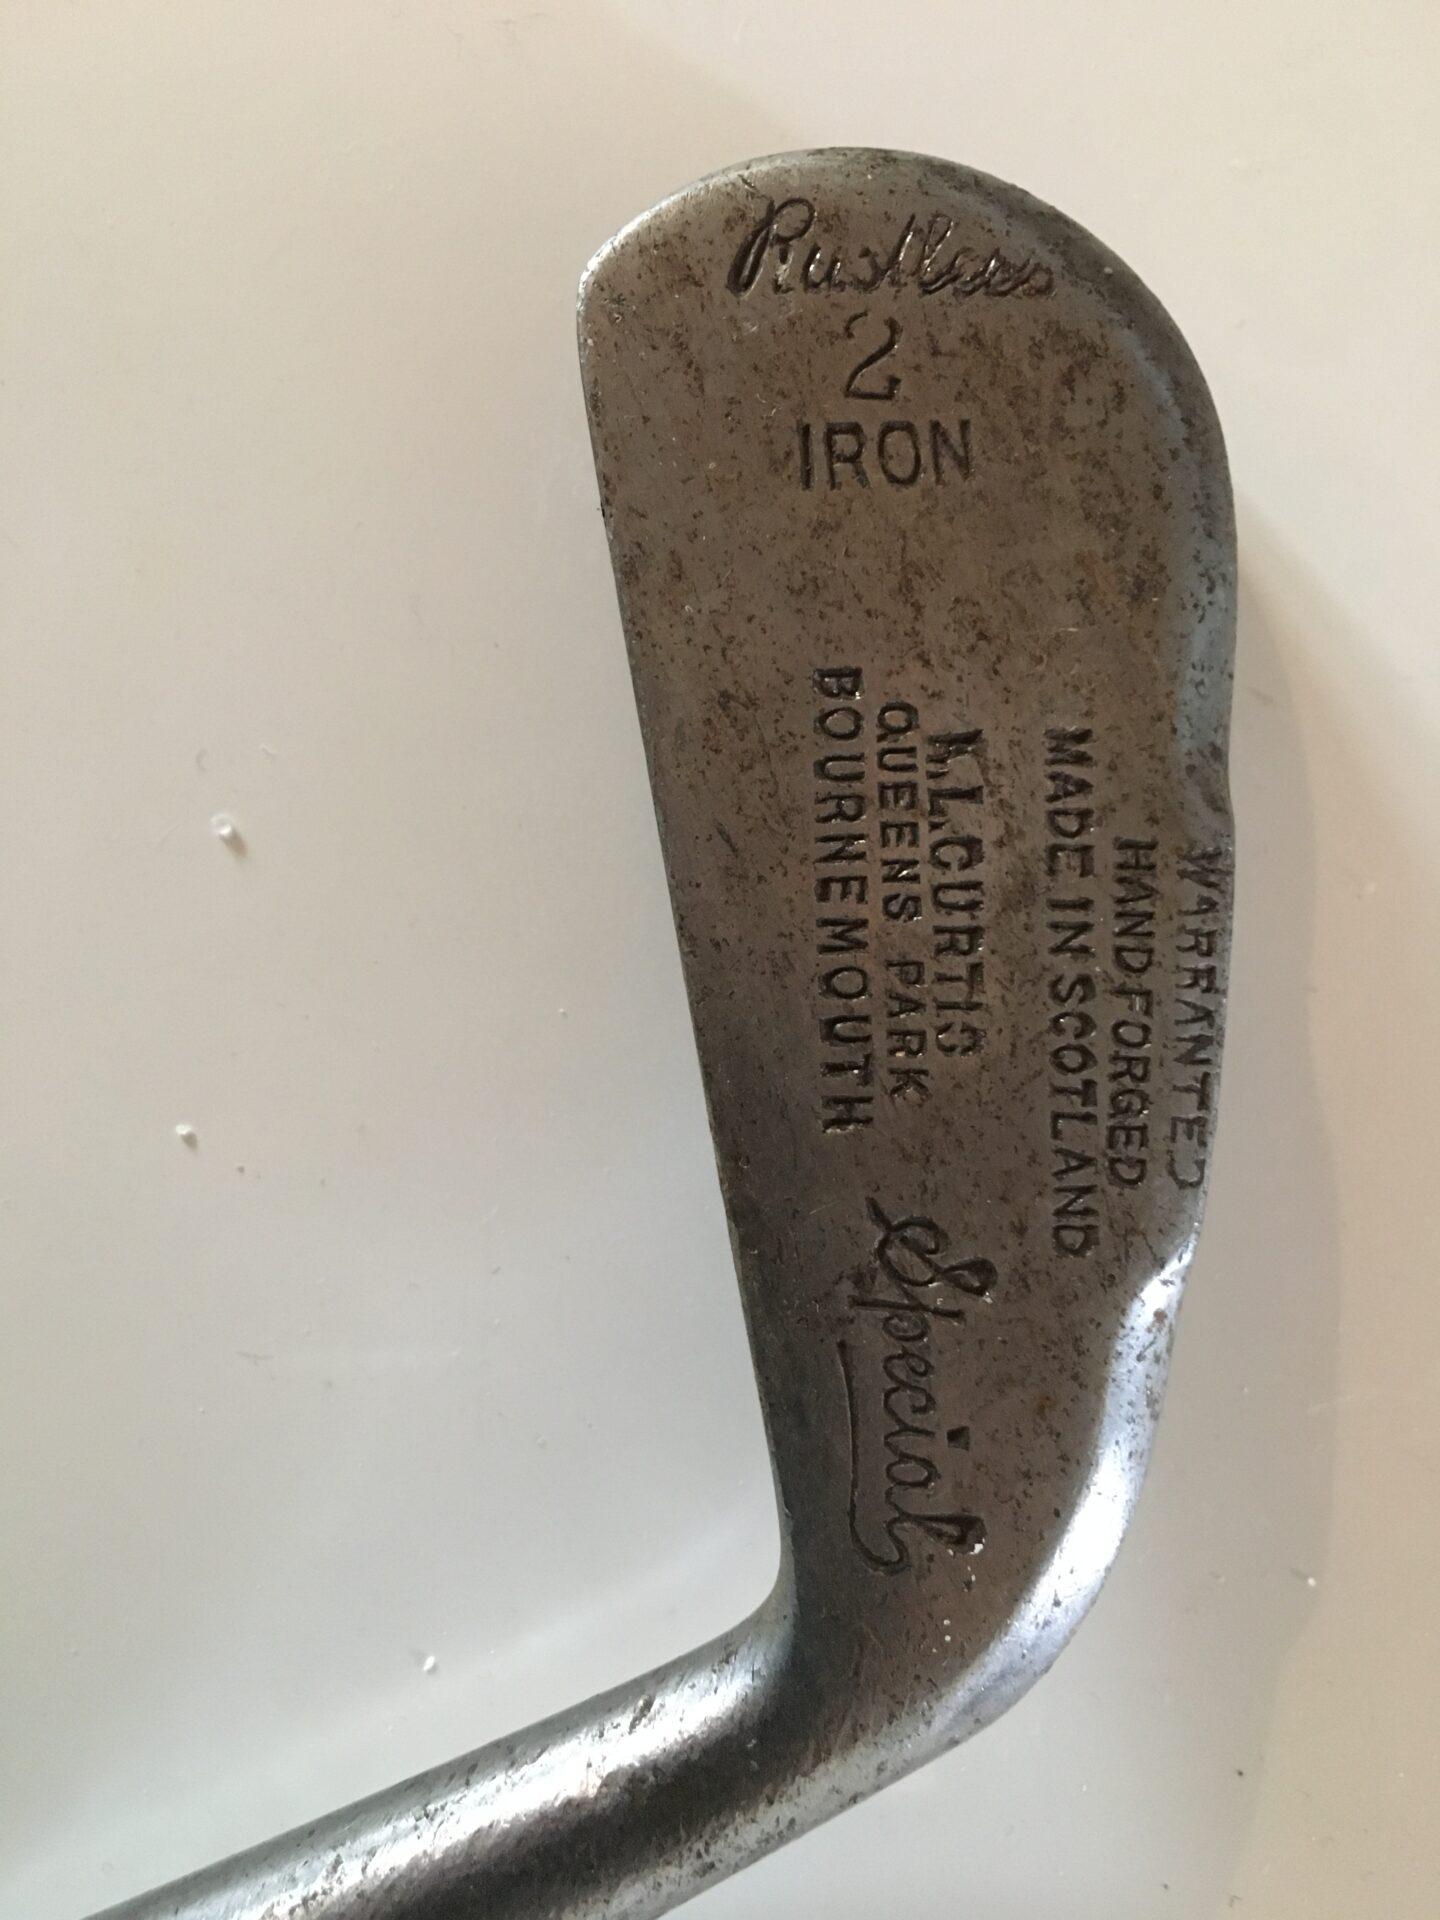 Antikt golfjeren med originalt skæfte af træ, pris 300kr